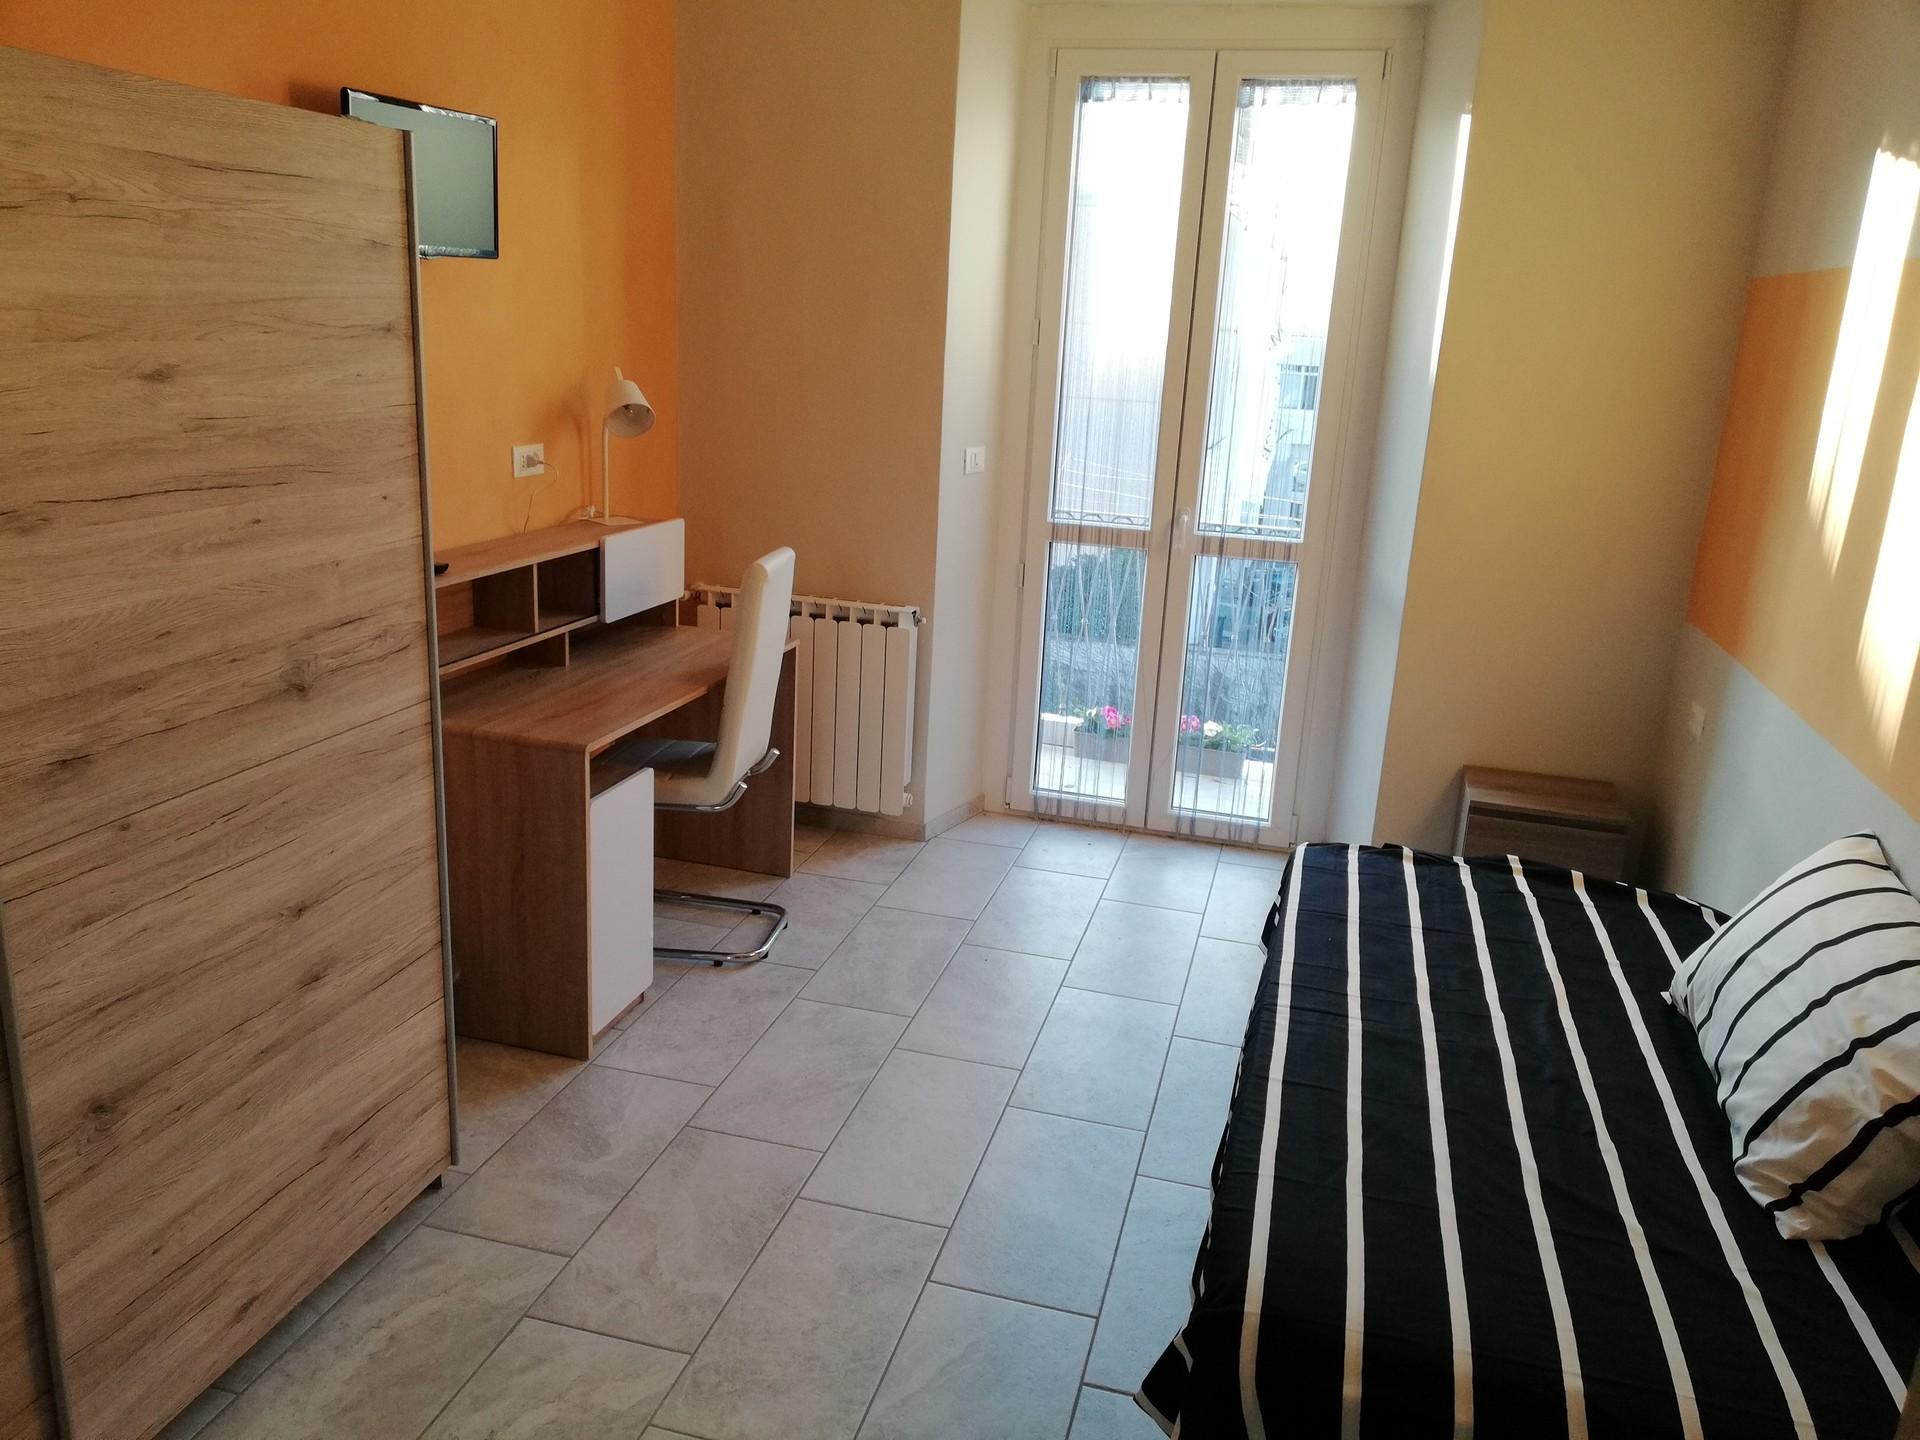 Affitto 4 stanze singole per studenti affitto for Affitti appartamenti